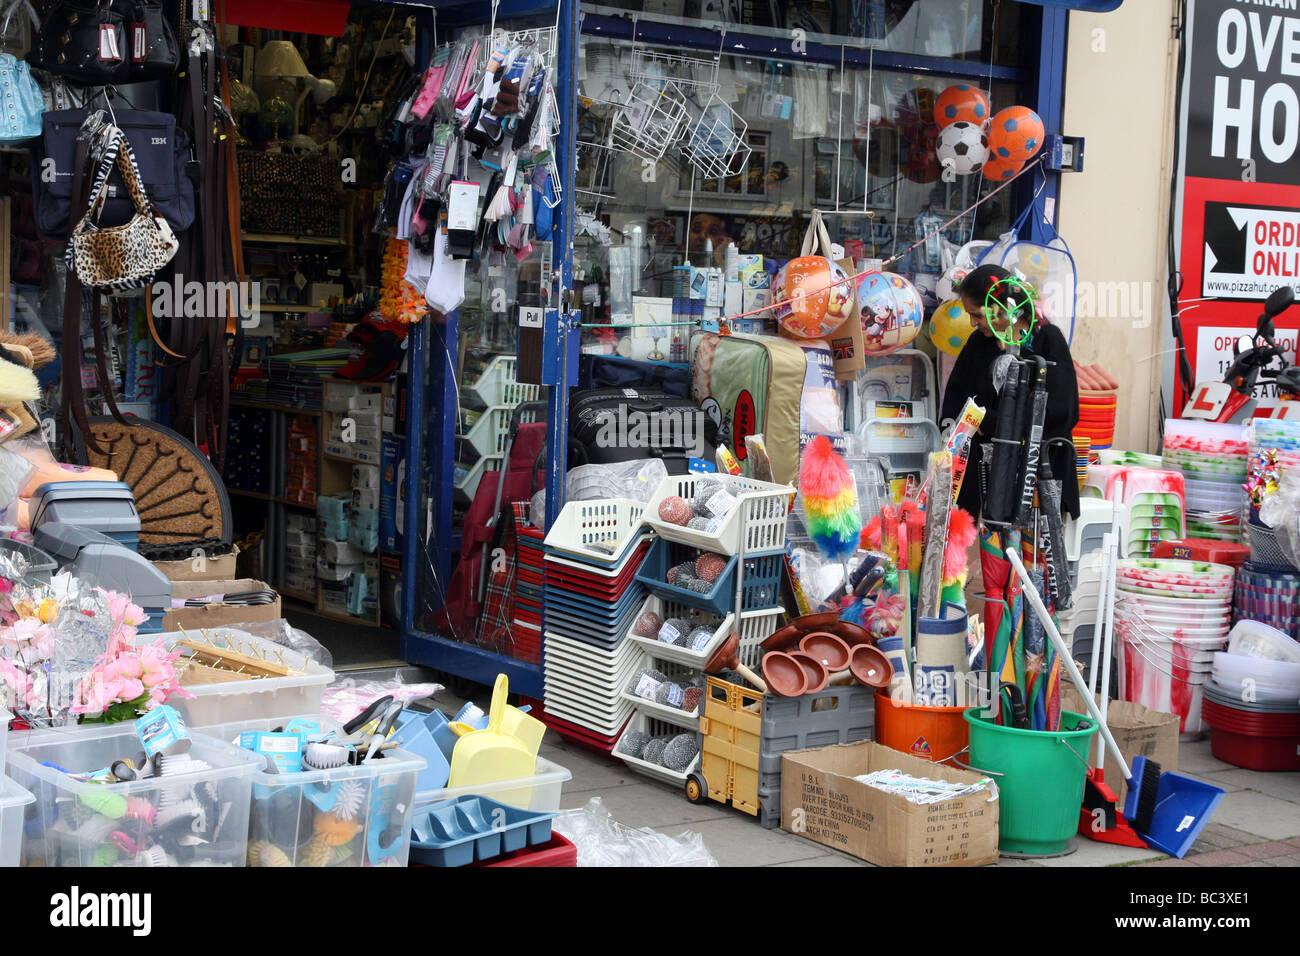 Pfund-Shop auf Landstraße, Kilburn, London, Anzeige billige Ware für den Verkauf auf der Straße. Stockbild